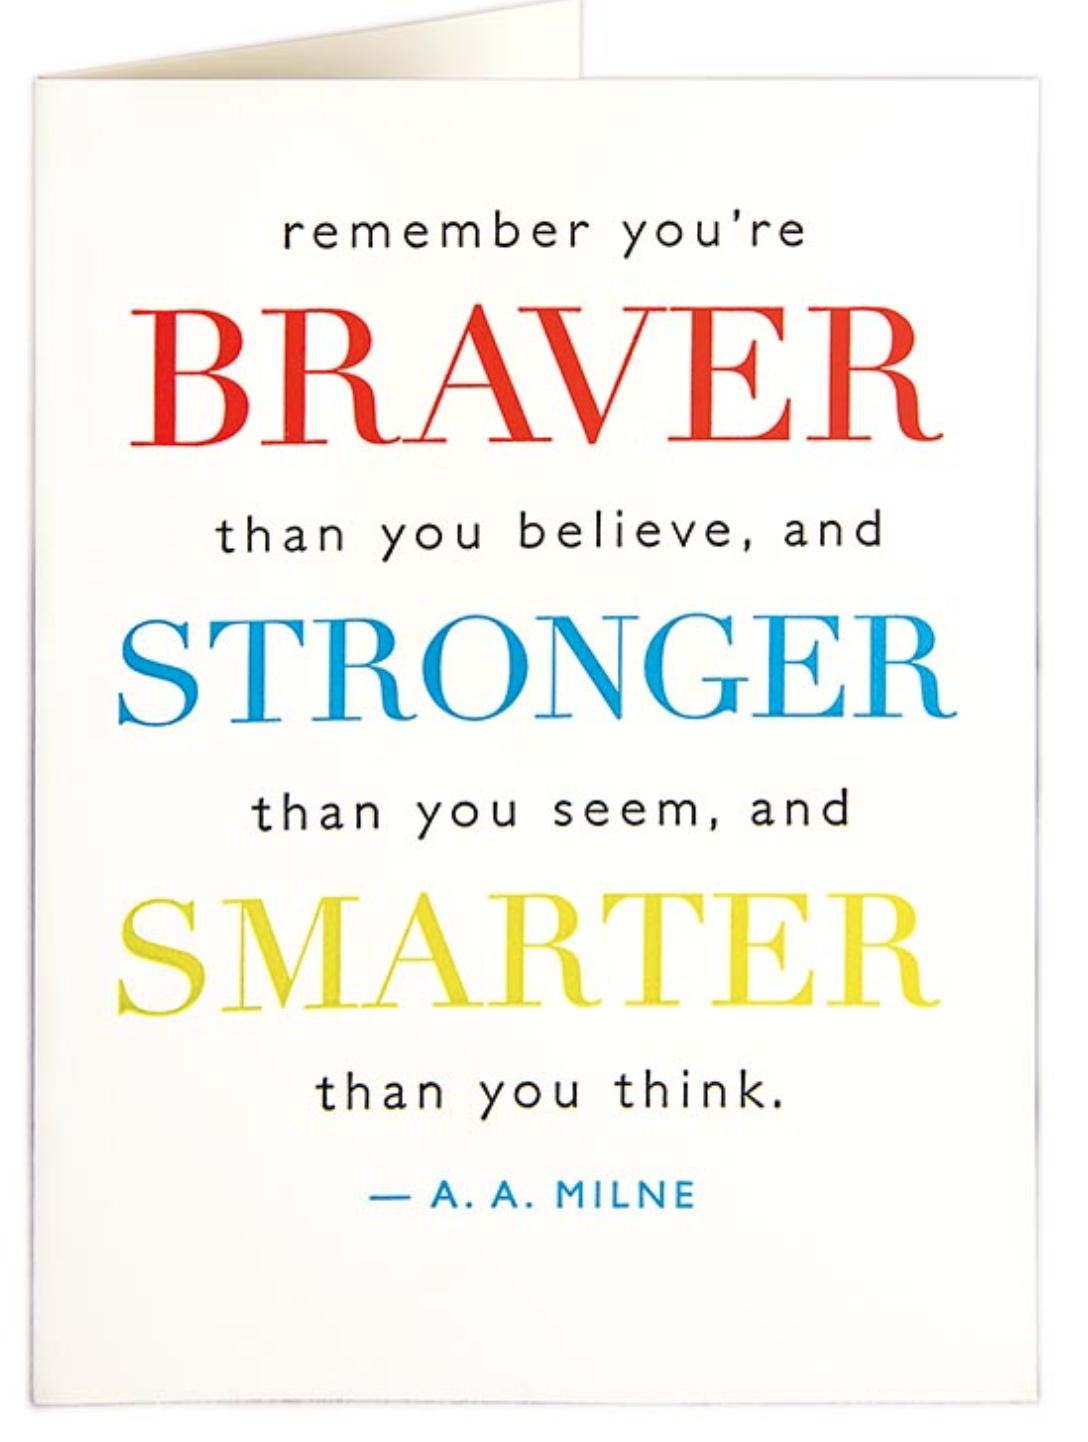 Braver, Stronger, Smarter.